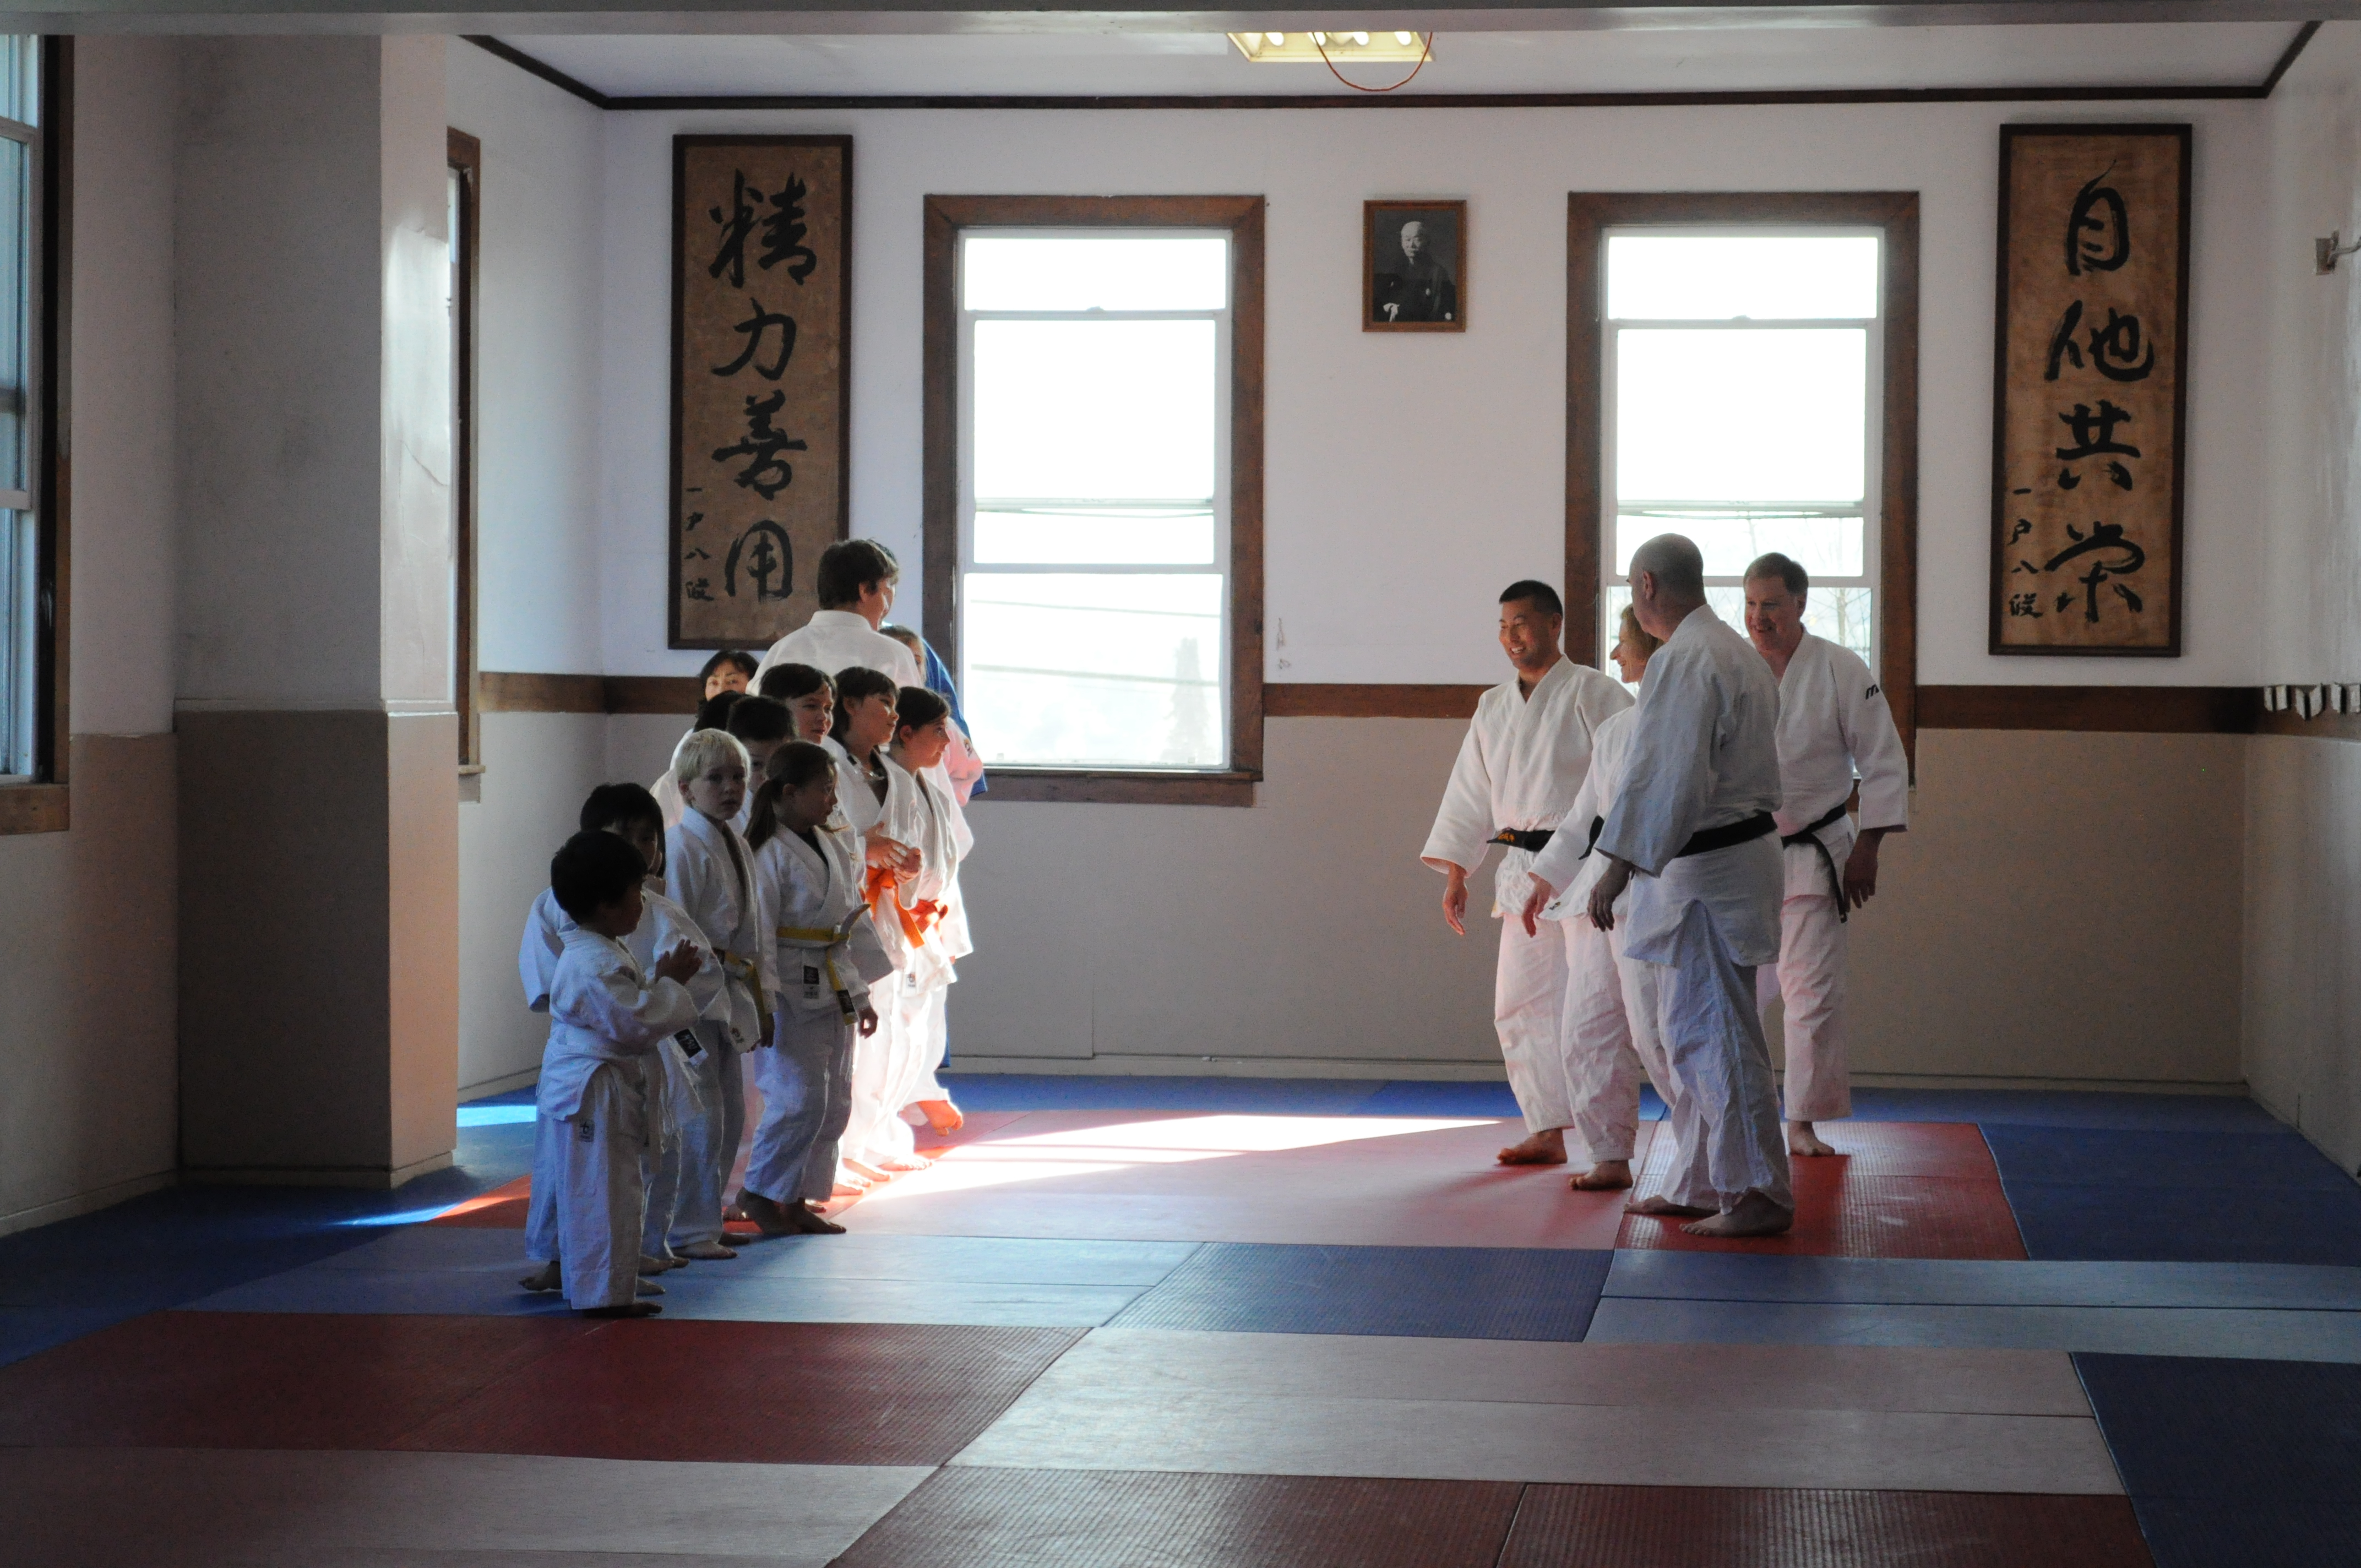 Seattle_-_Budokan_Dojo_judo_demo_06